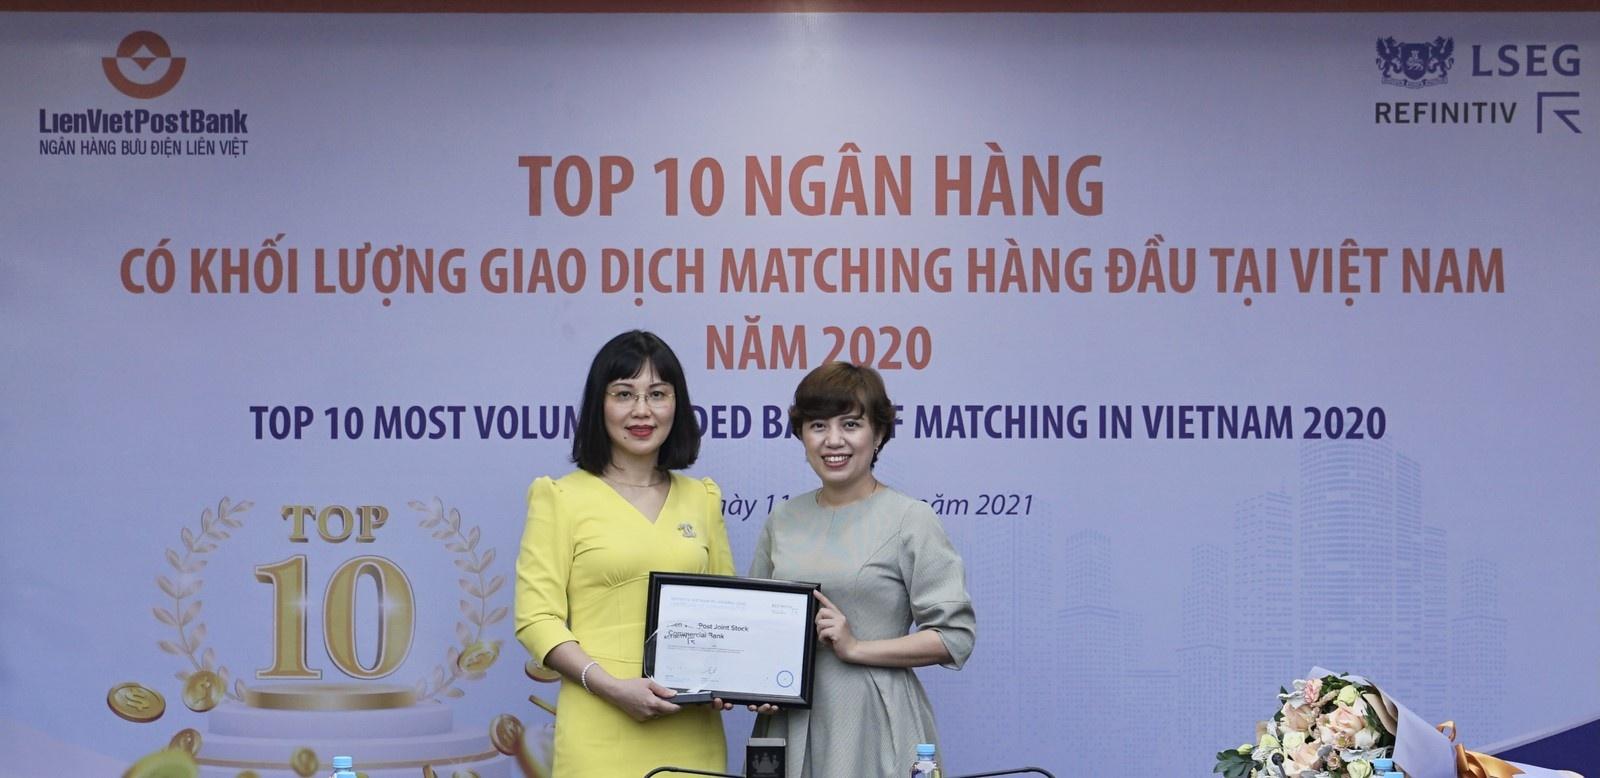 LienVietPostBank nằm trong Top 10 ngân hàng có khối lượng giao dịch Matching lớn nhất thị trường ngoại hối Việt Nam 2020